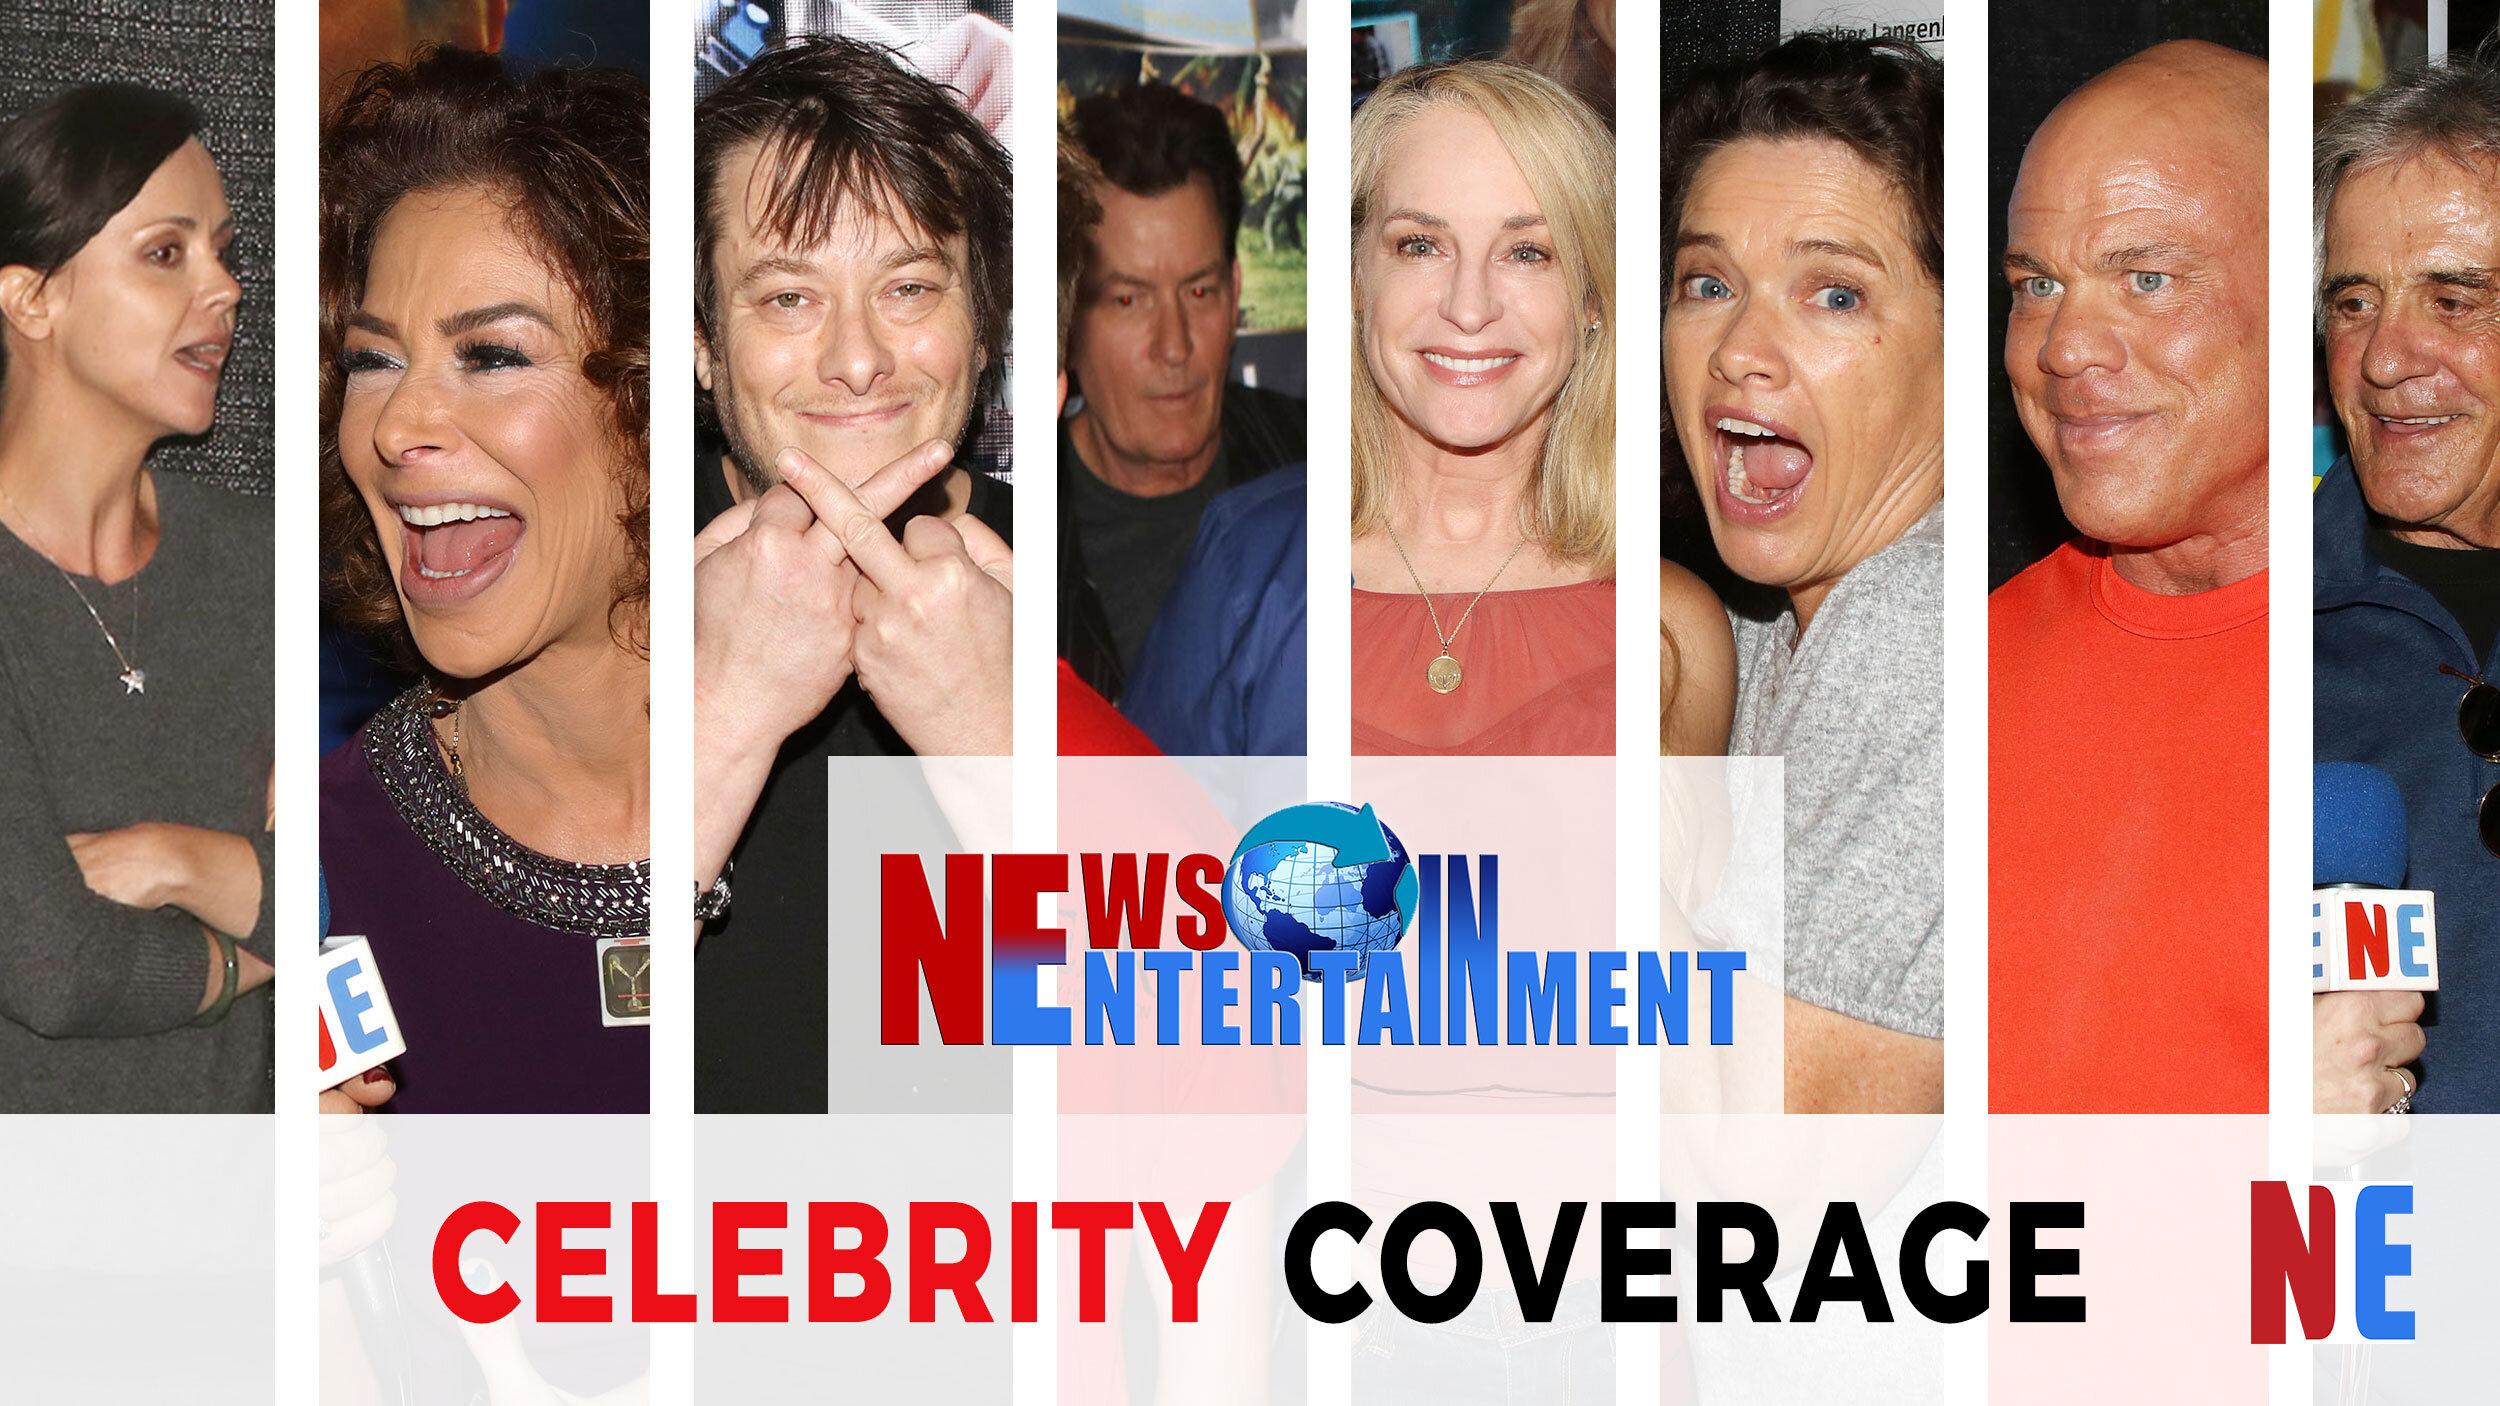 Celebrity-Coverage-ad-NJHCFF-NIE.jpg